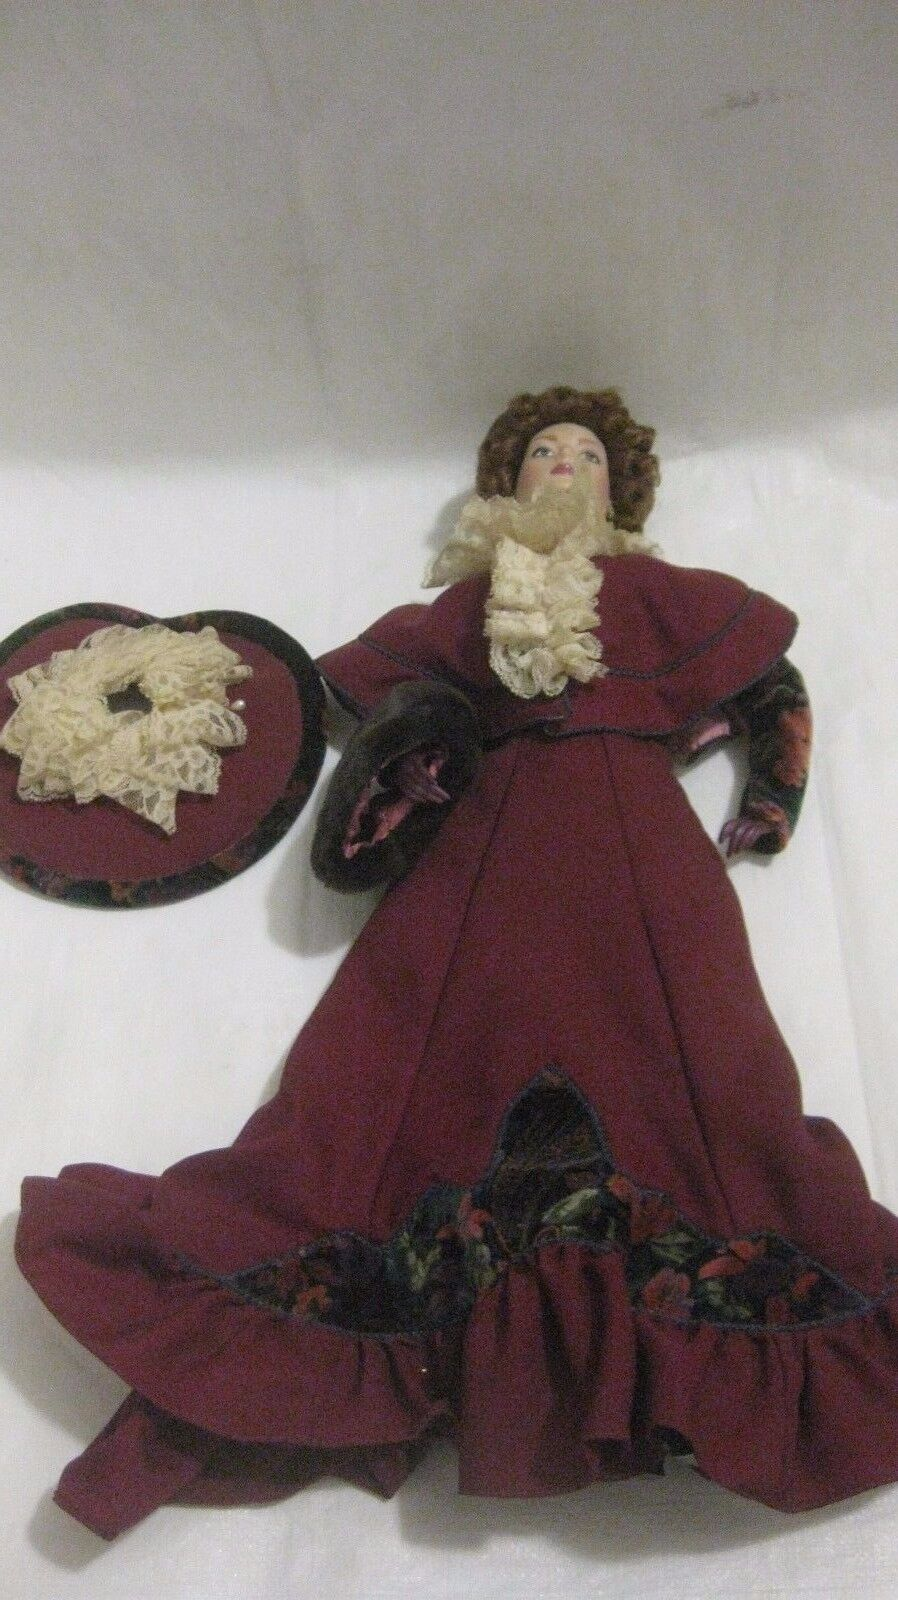 Raro Edizione Limitata Vittoriano Cameo Porcellana Bambola Collezione da Gorham